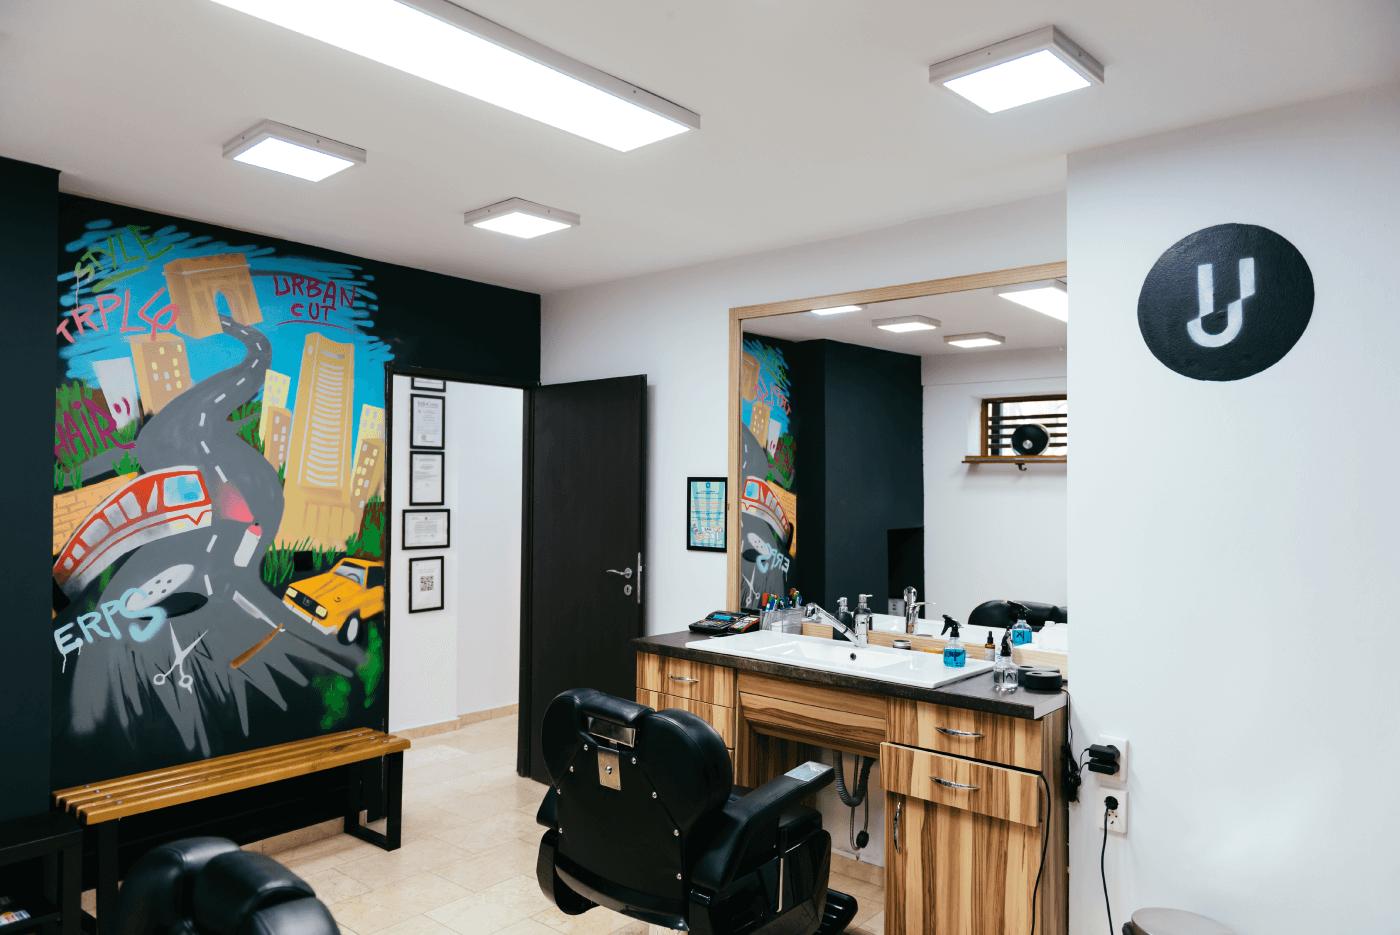 Salon Frizerie Urban Cut Bucuresti - dupa renovare